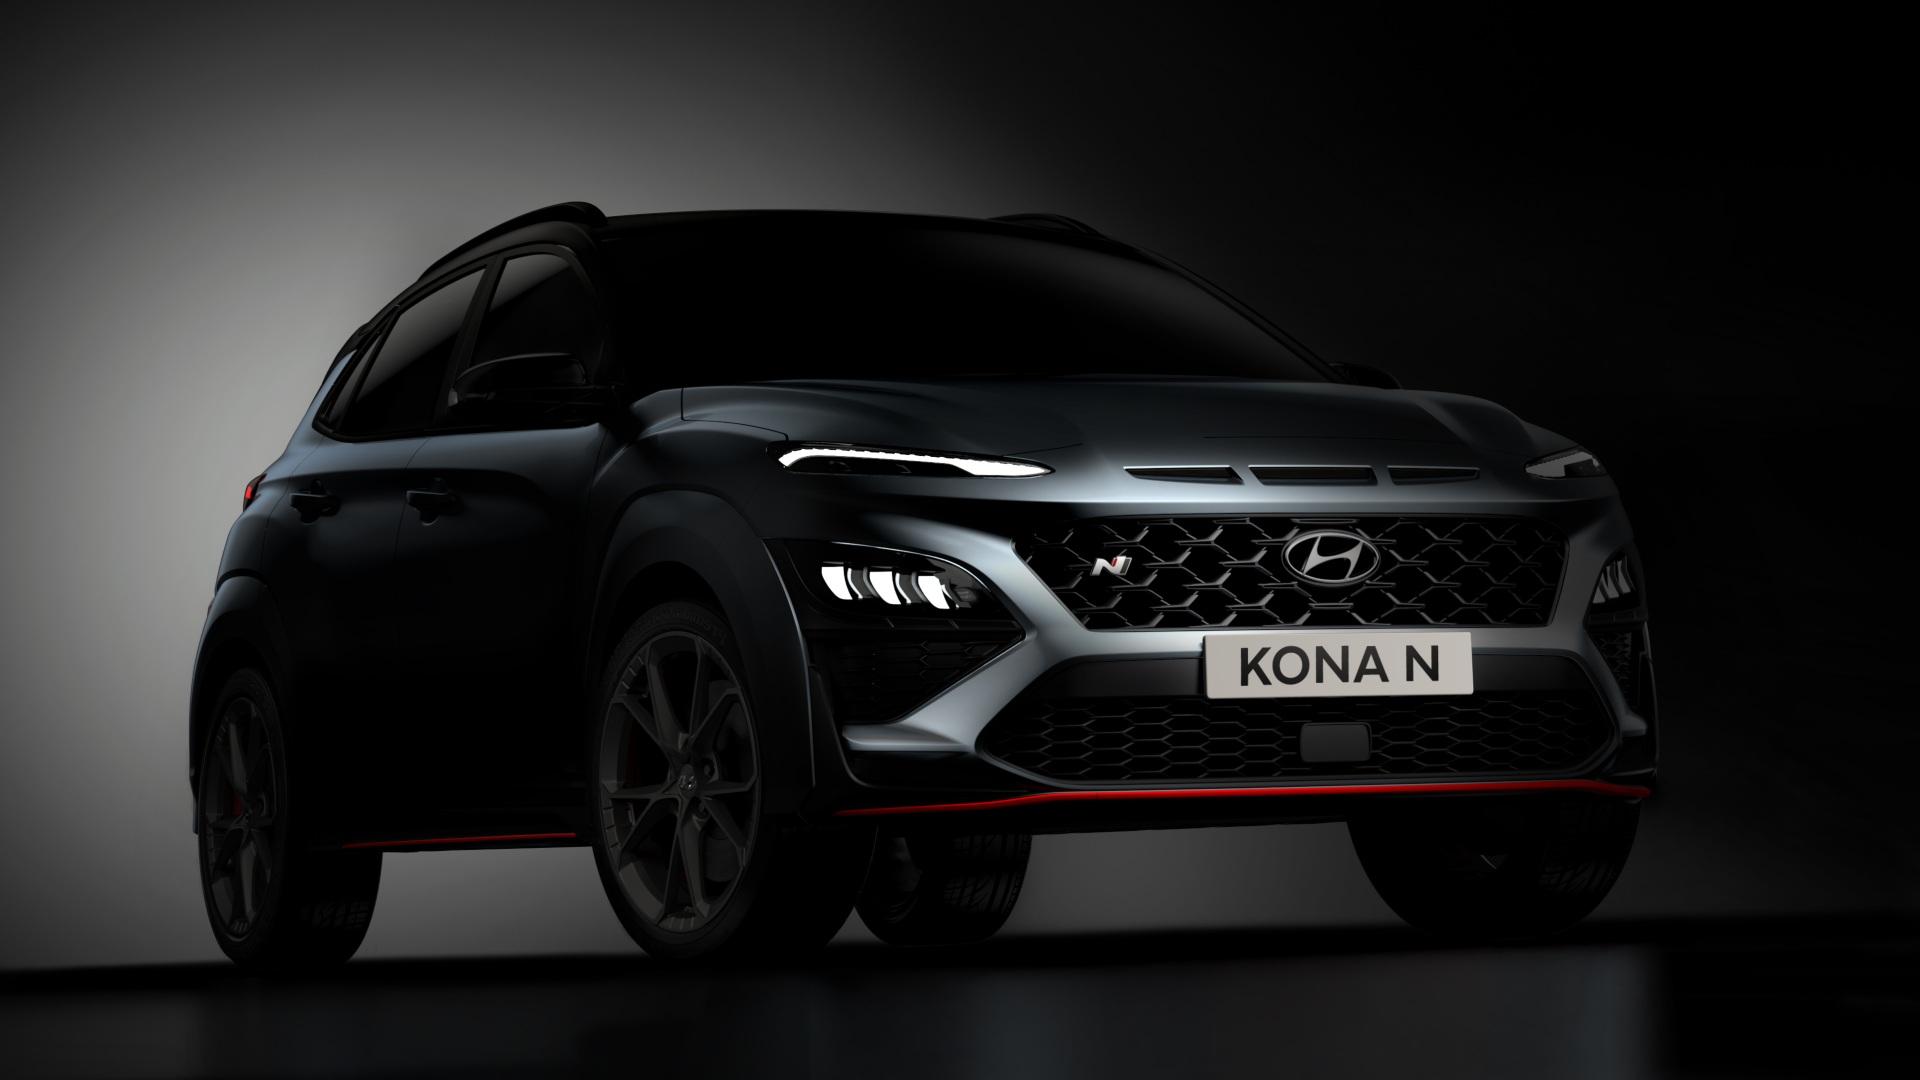 El Hyundai Kona N contará con 280 CV y cambio de doble embrague